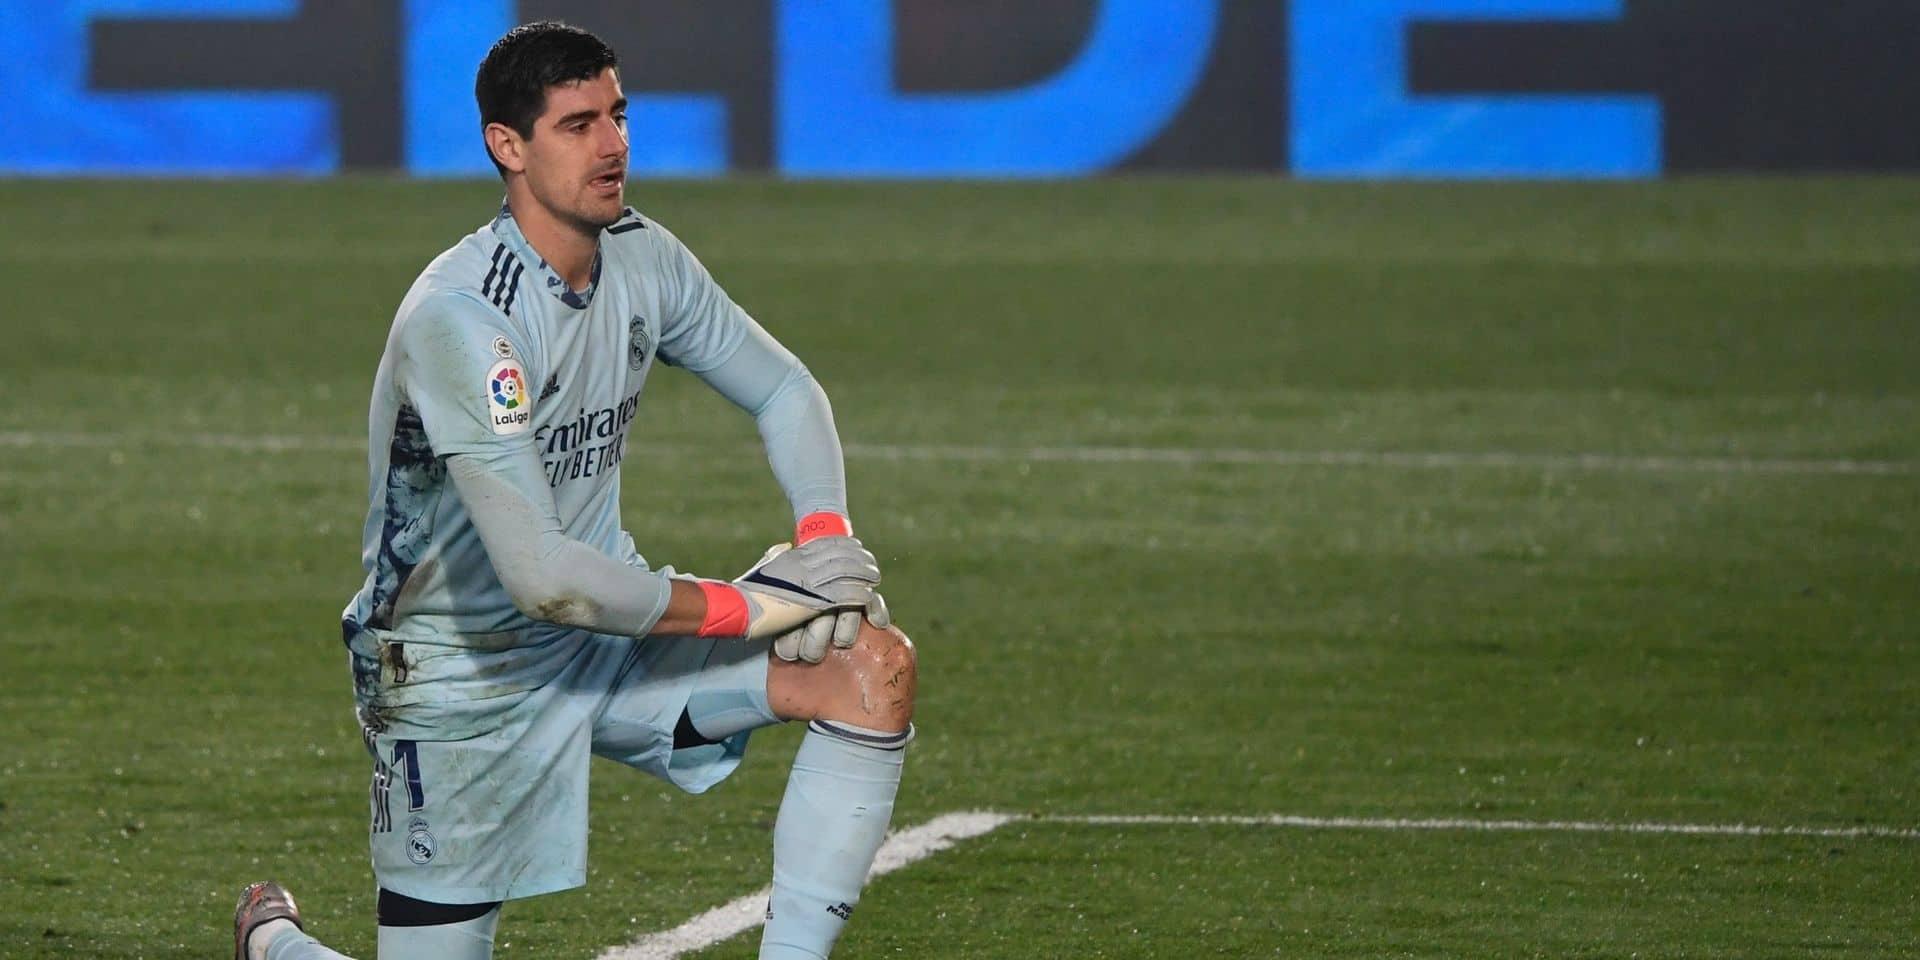 Le Real Madrid n'y arrive pas: Courtois and co, battus 2-0 au Shakhtar, reculent à la 3e place du groupe